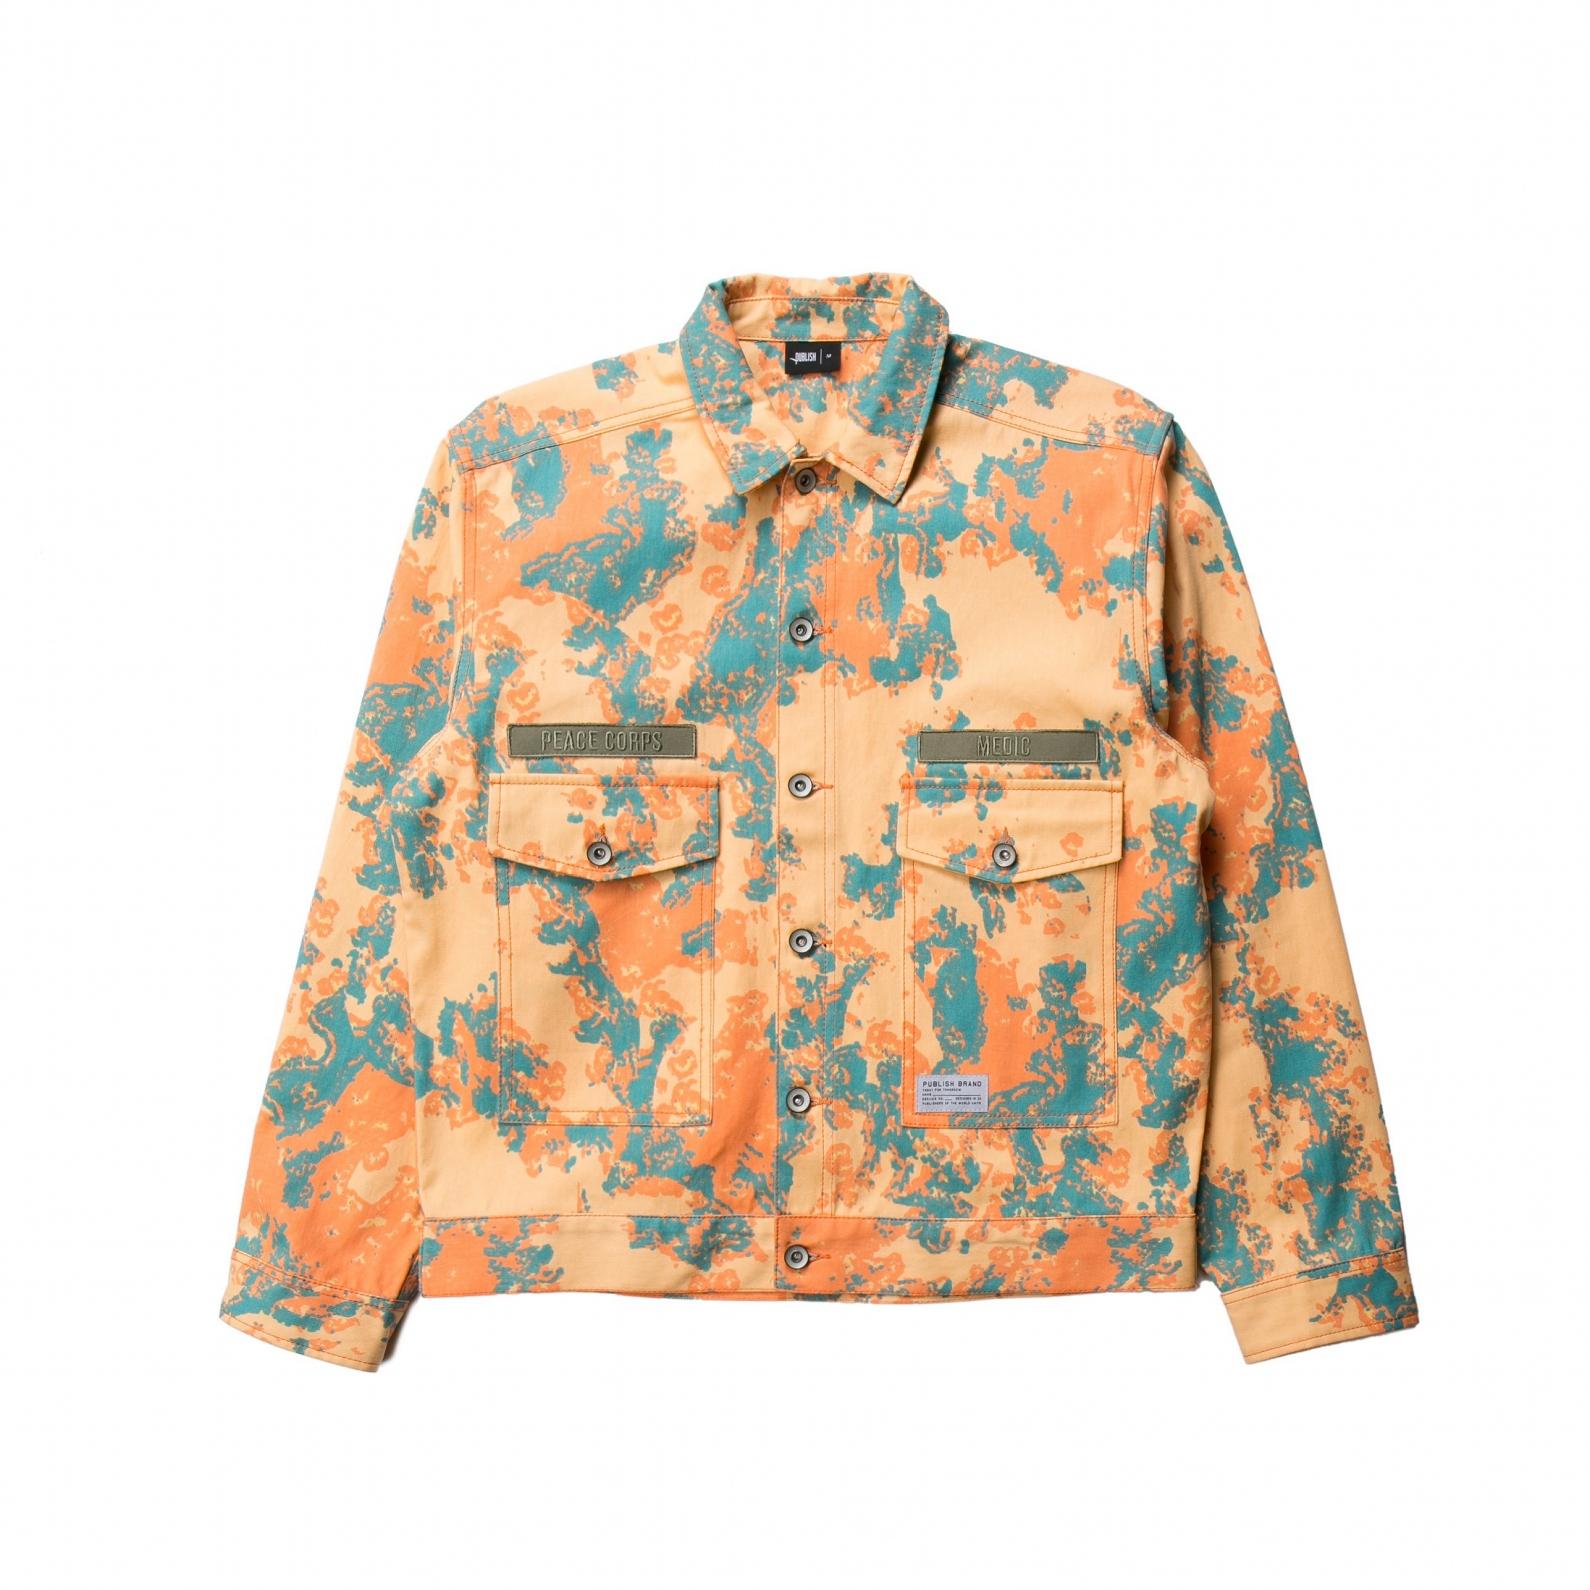 【PUBLISH BRAND/パブリッシュブランド】TOPAS カラーワークジャケット / SALMON